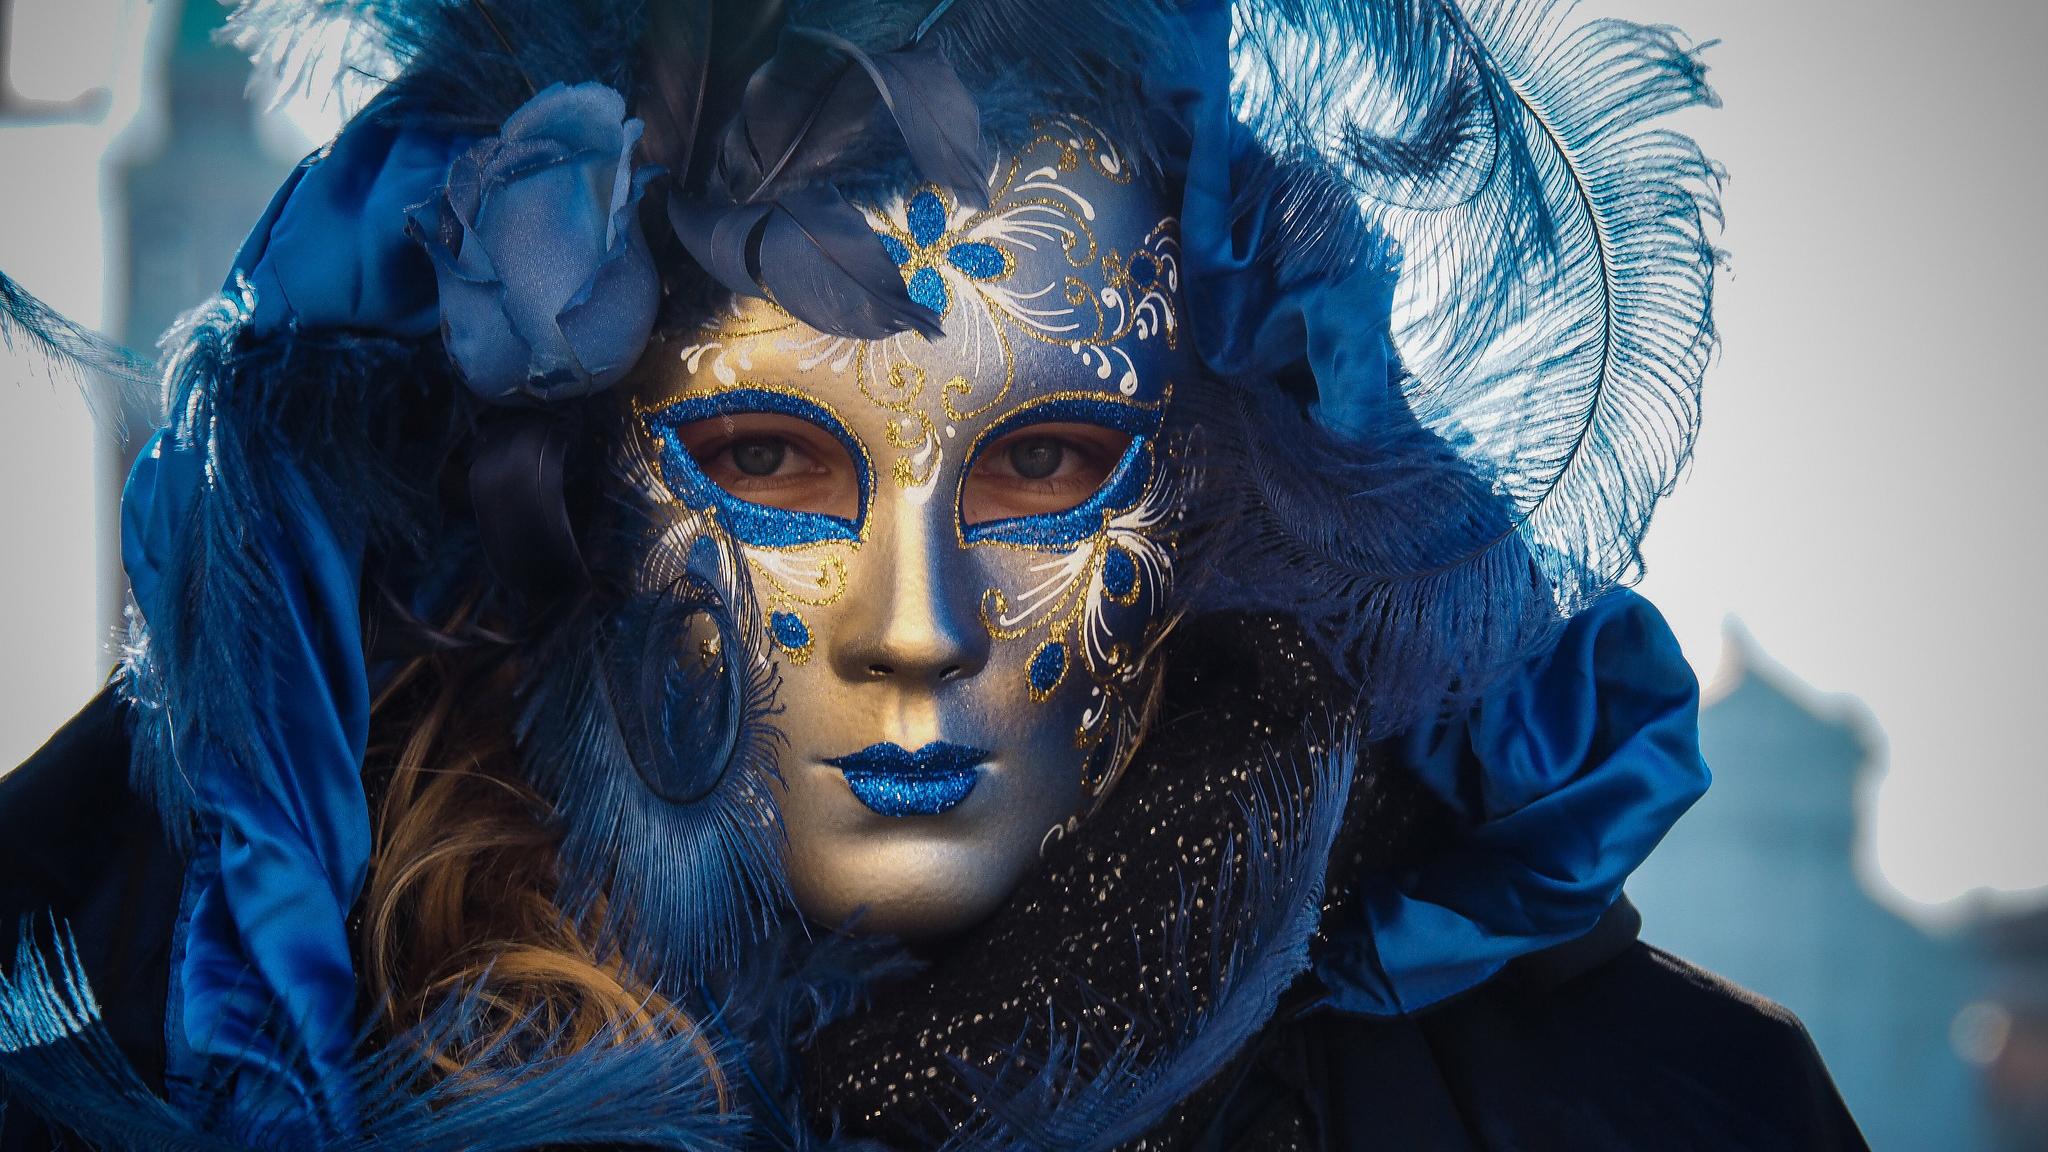 конечно, венецианский карнавал красивые картинки обидное, что